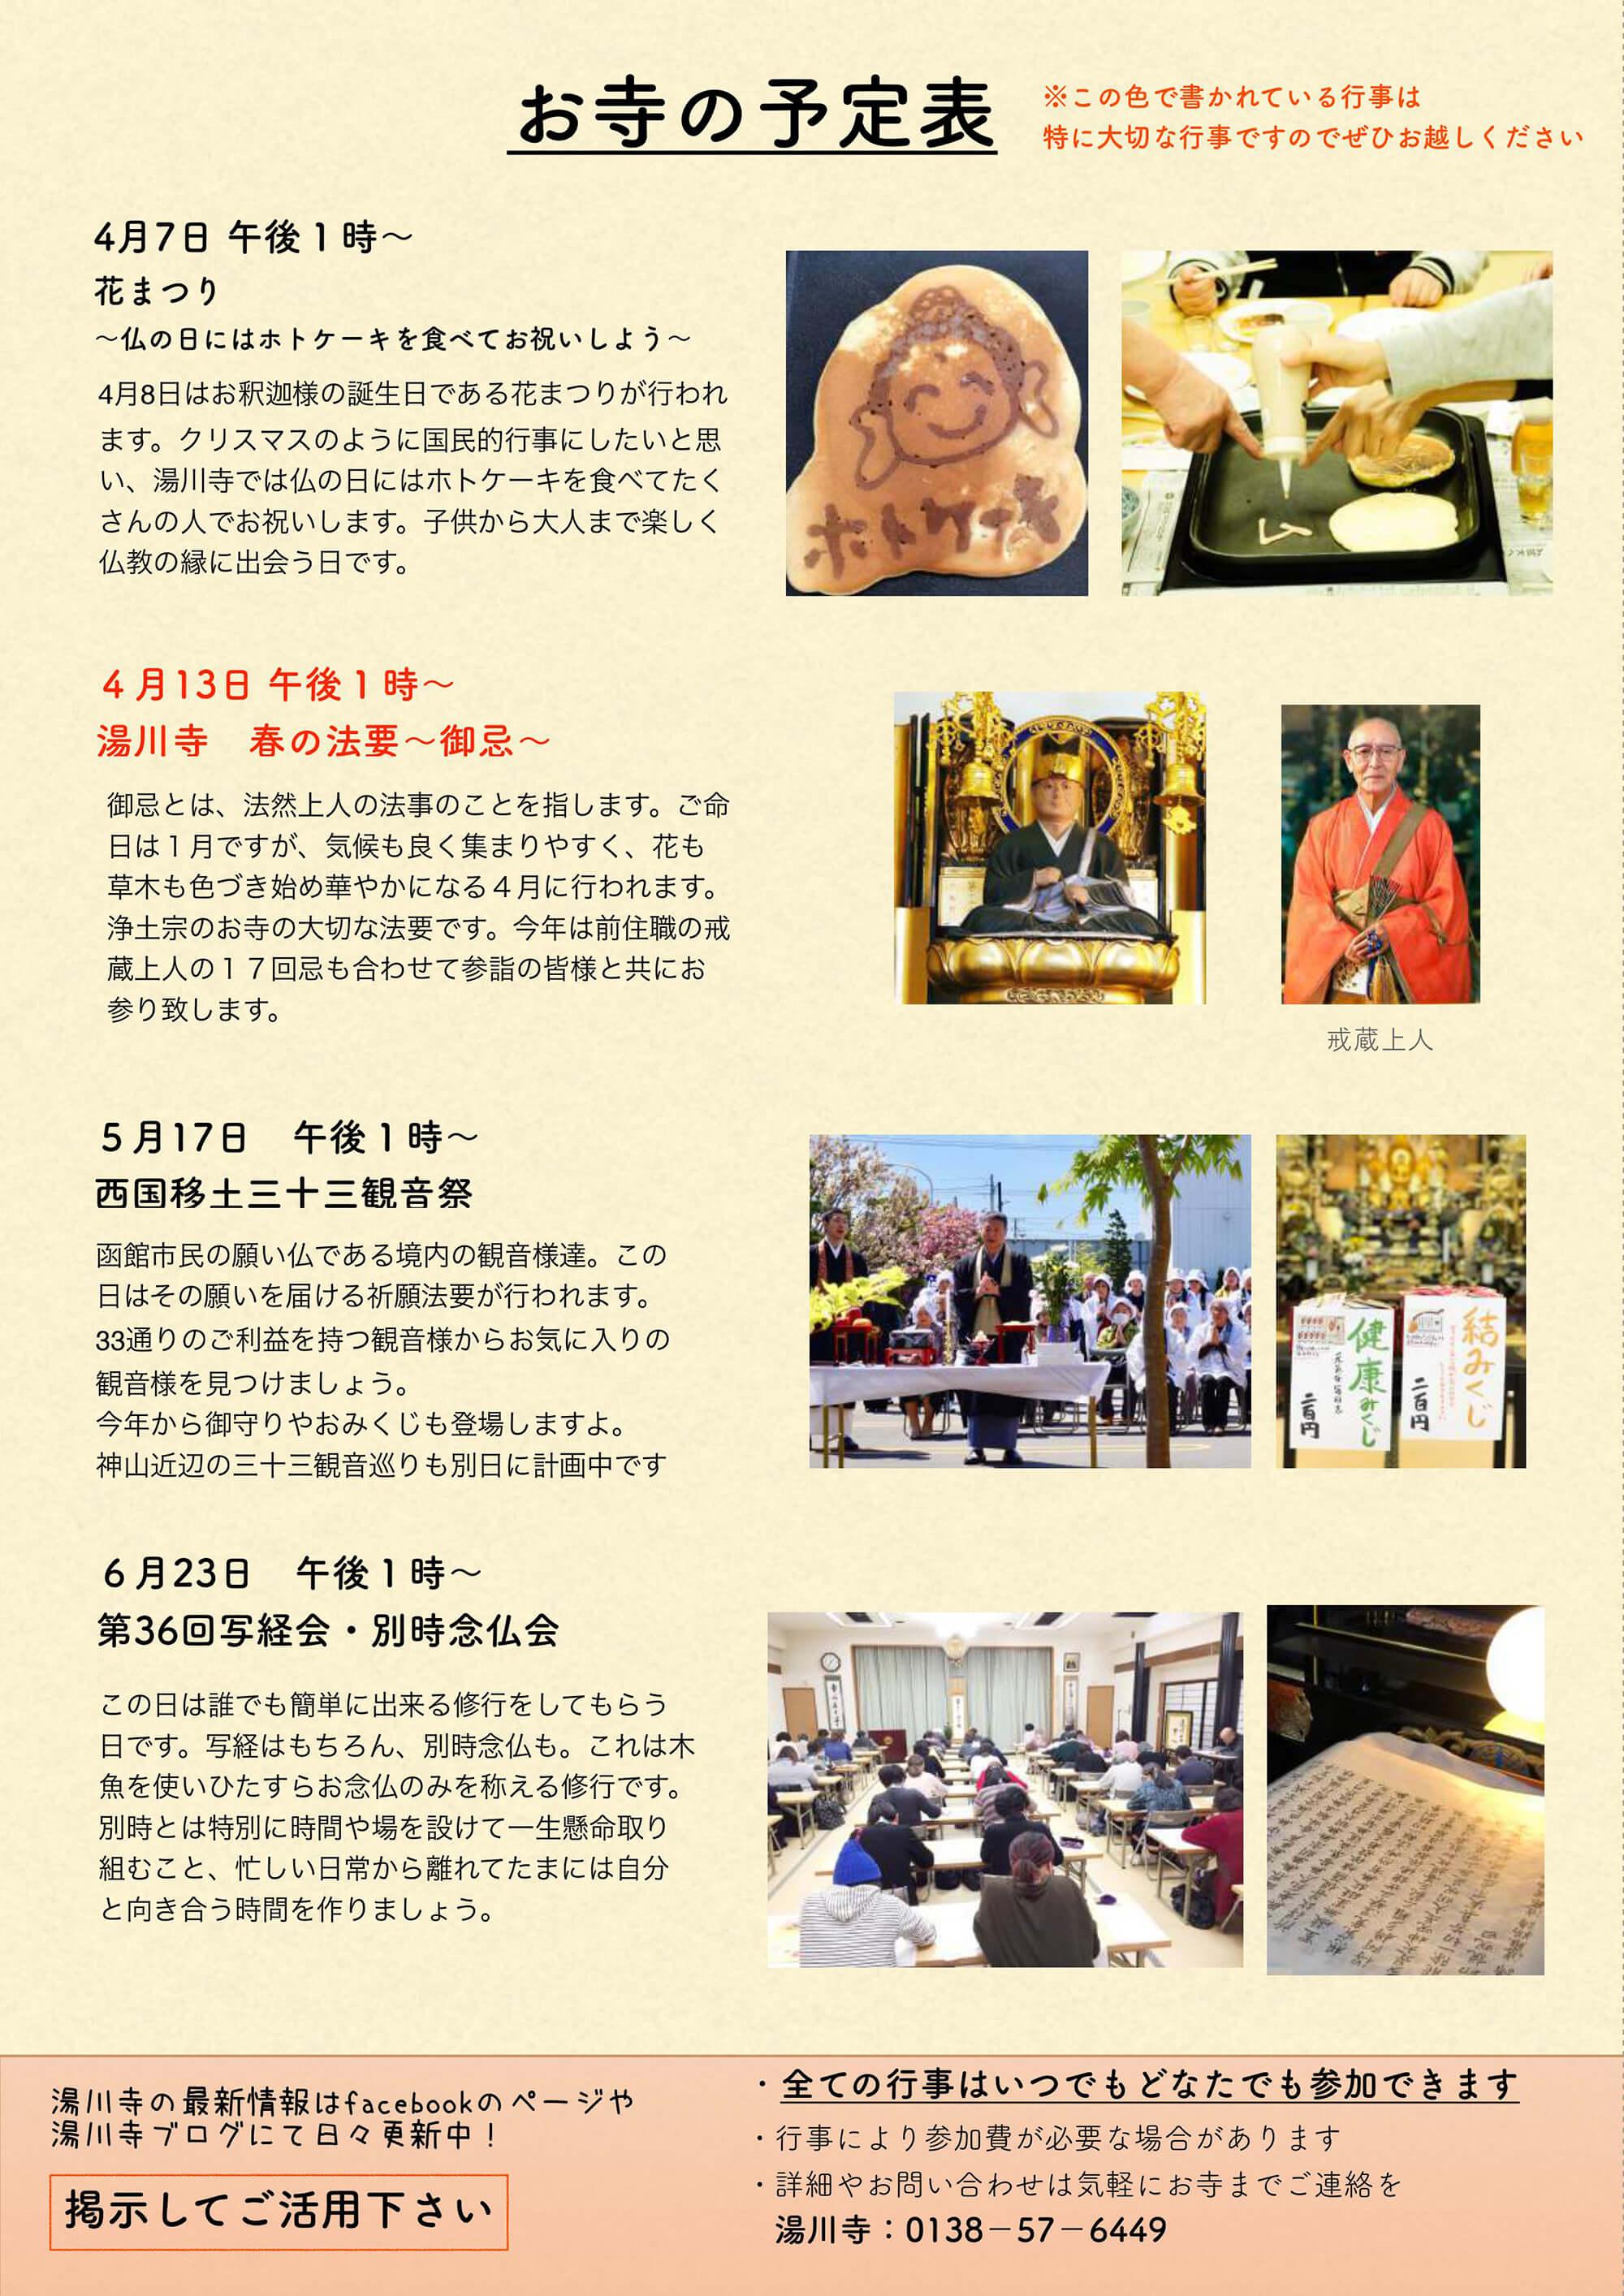 平成31〜令和元年度 お寺の予定表1